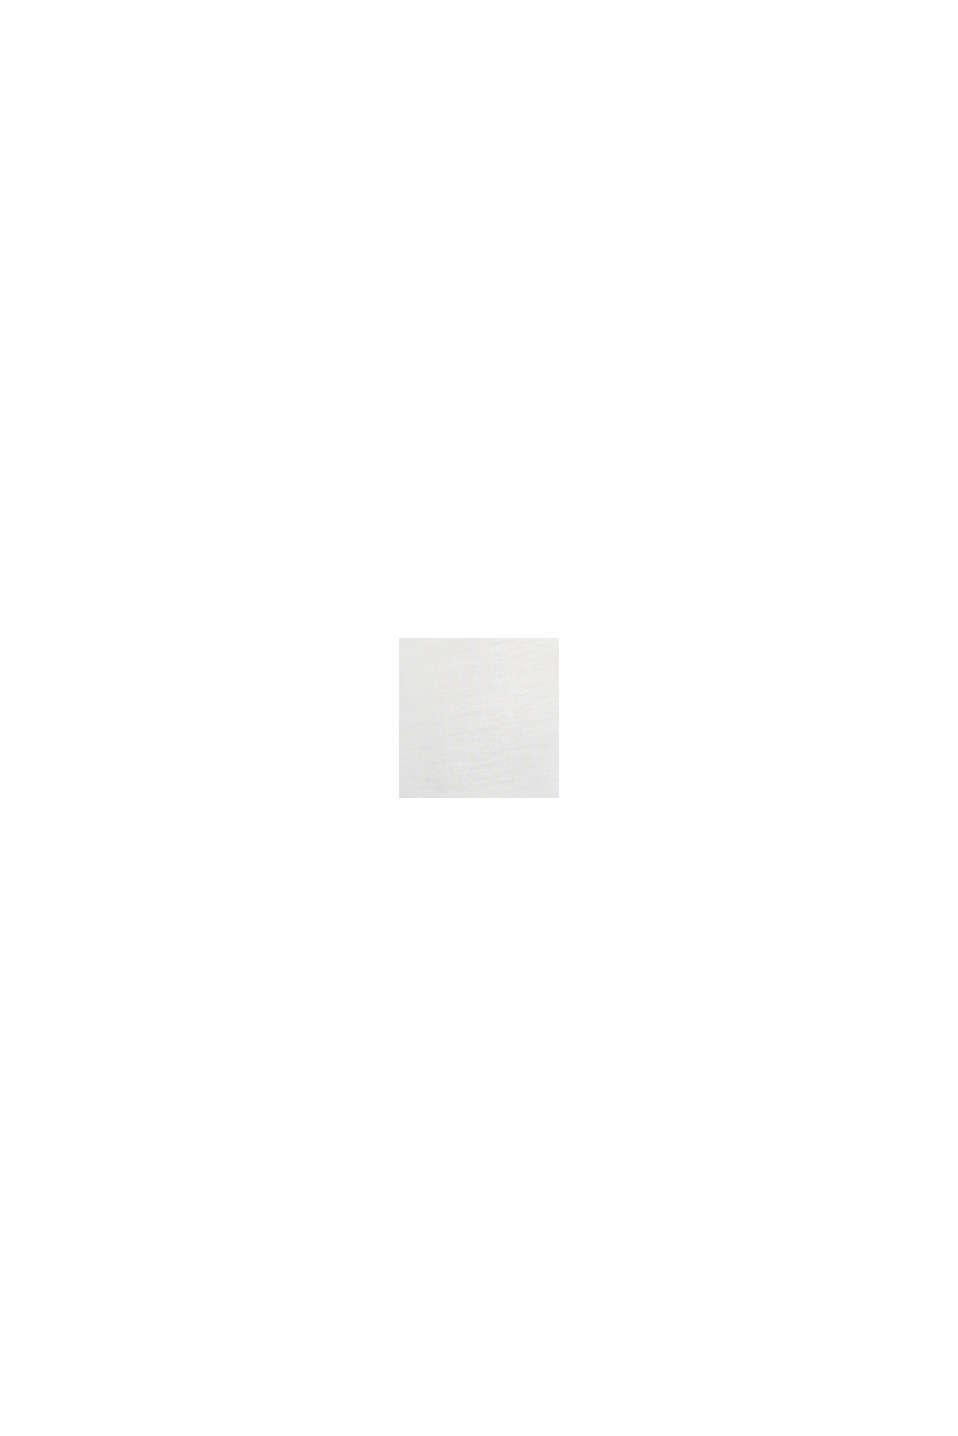 Jersey-Top mit Spitze, OFF WHITE, swatch